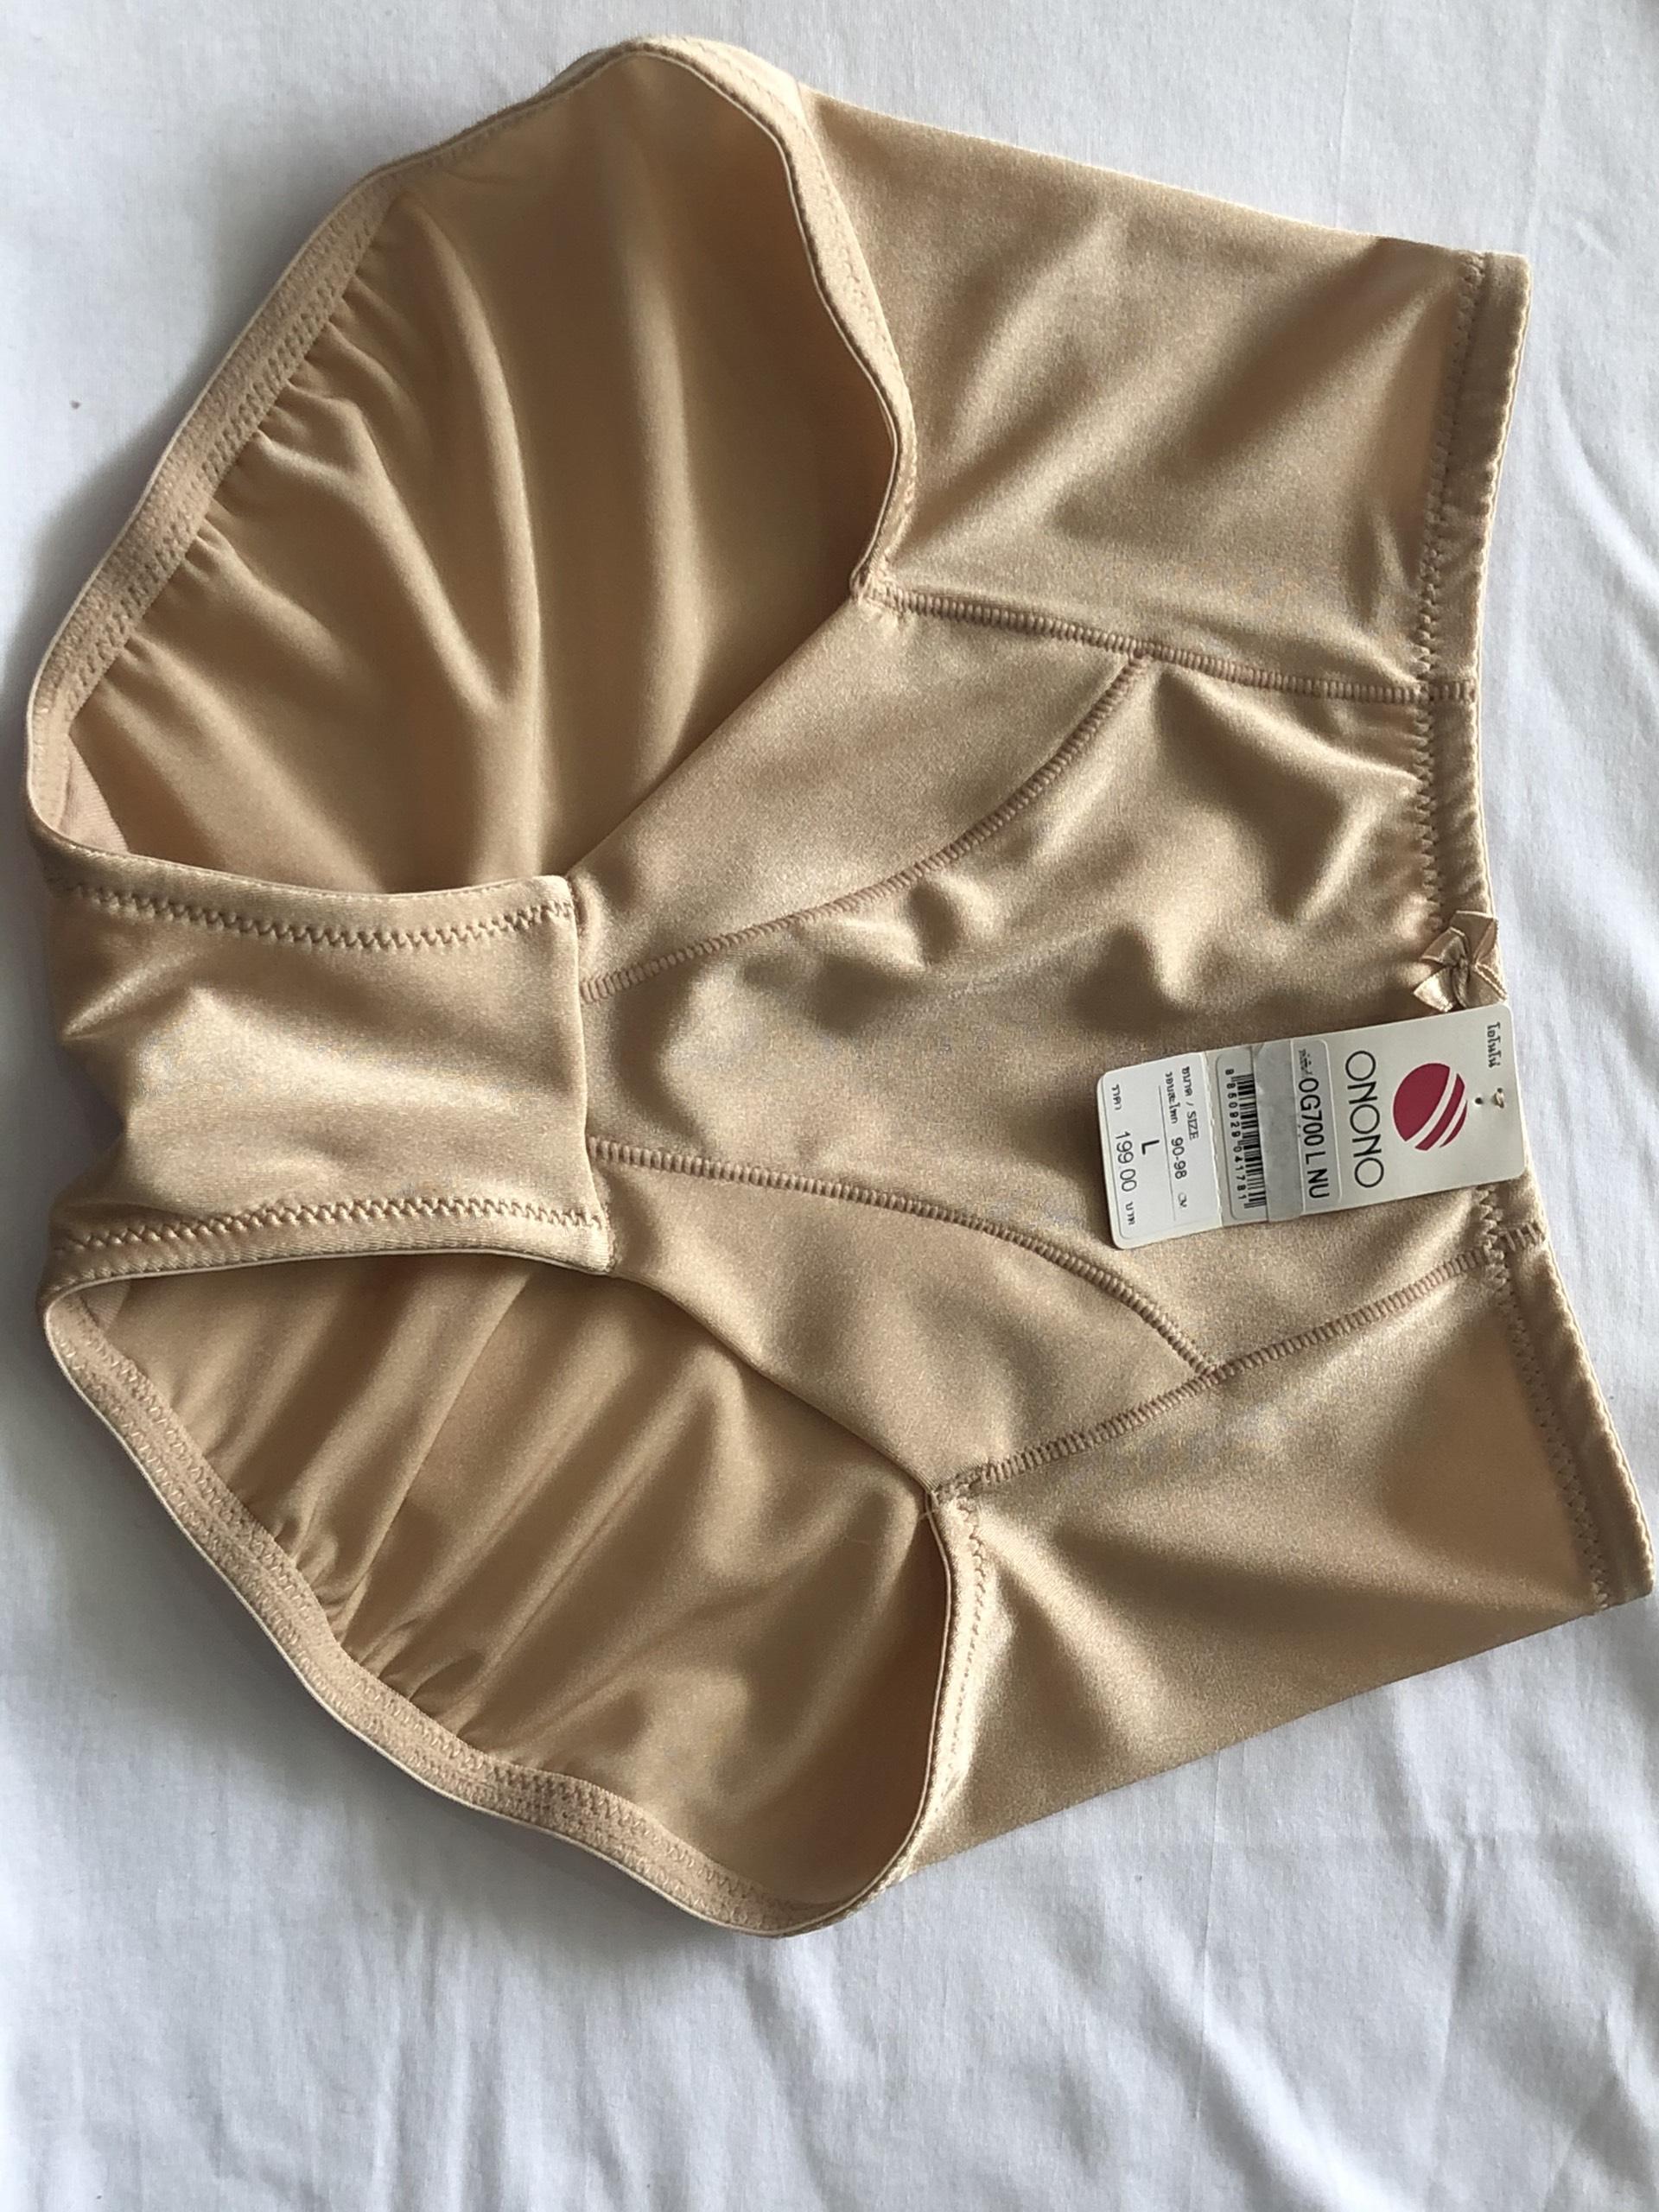 Quần lót nữ loại OG 700 L (81% dệt từ nylon, 19% dệt từ sợi tổng hợp Lycra)